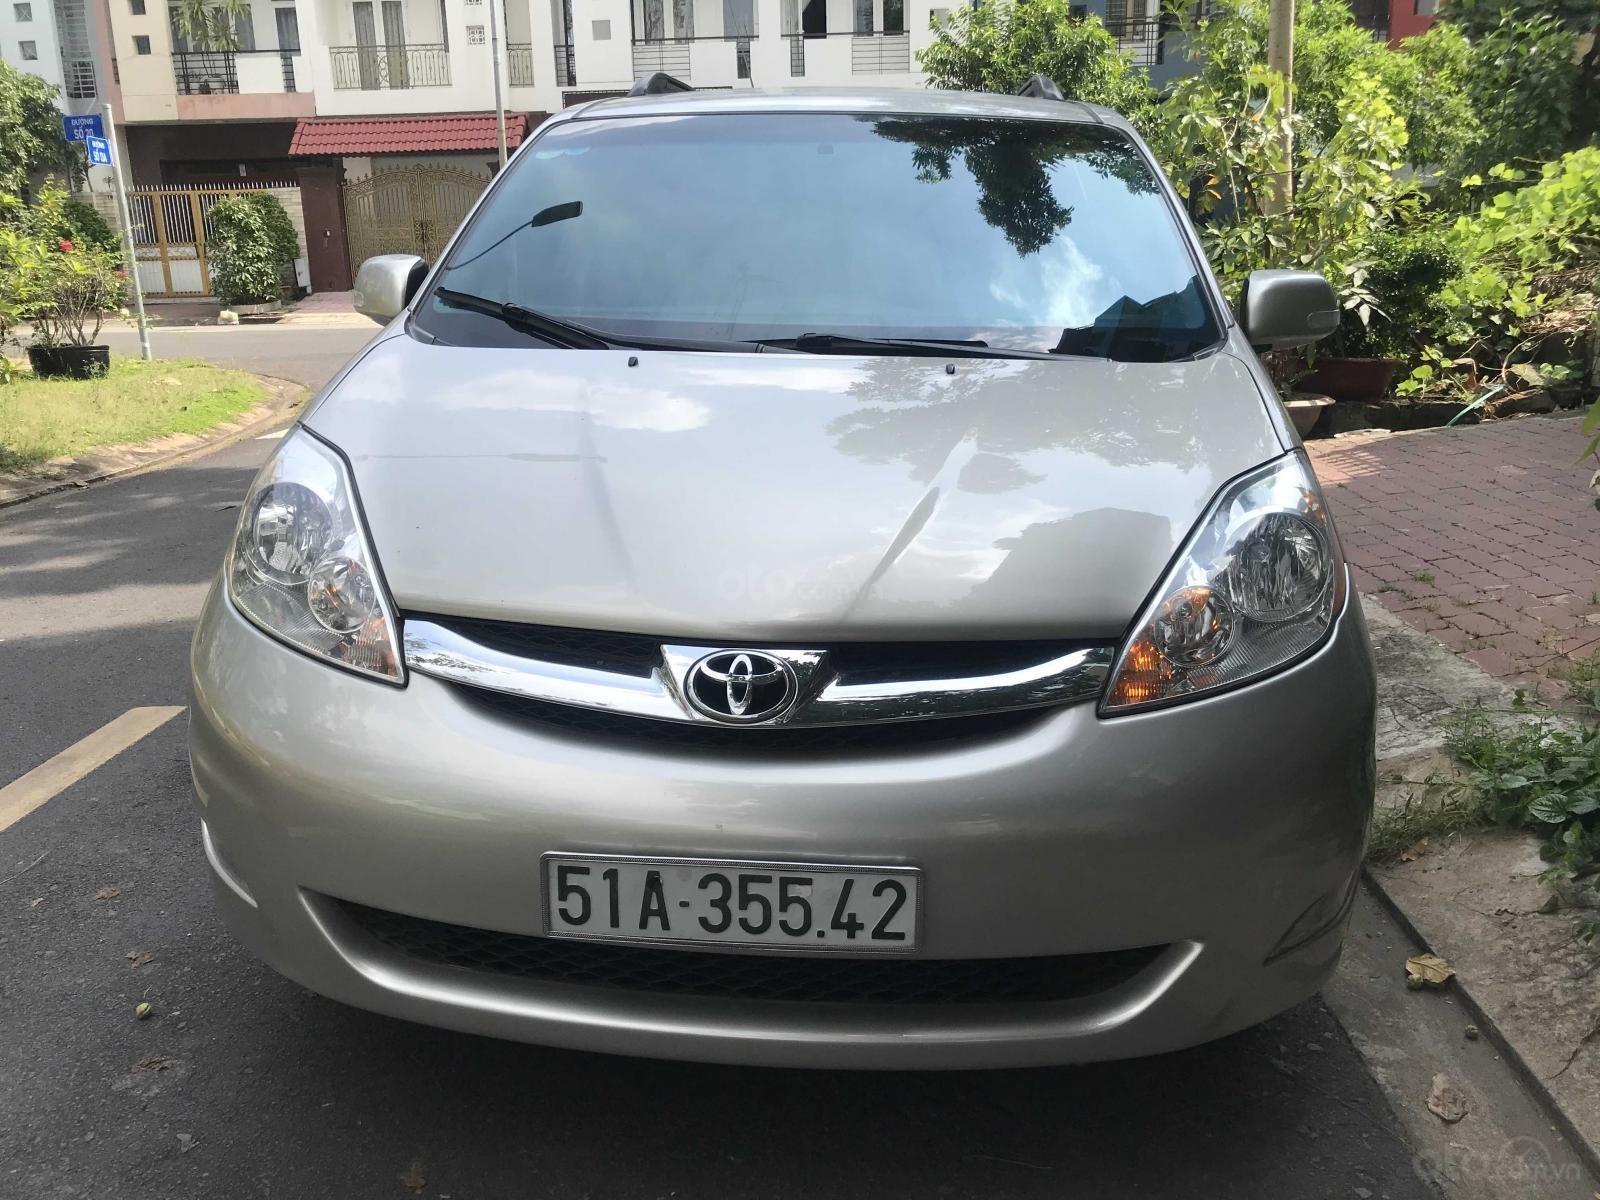 Cần bán Toyota Sienna năm 2007, màu xám (ghi) mới 95%, giá chỉ 570 triệu đồng (1)